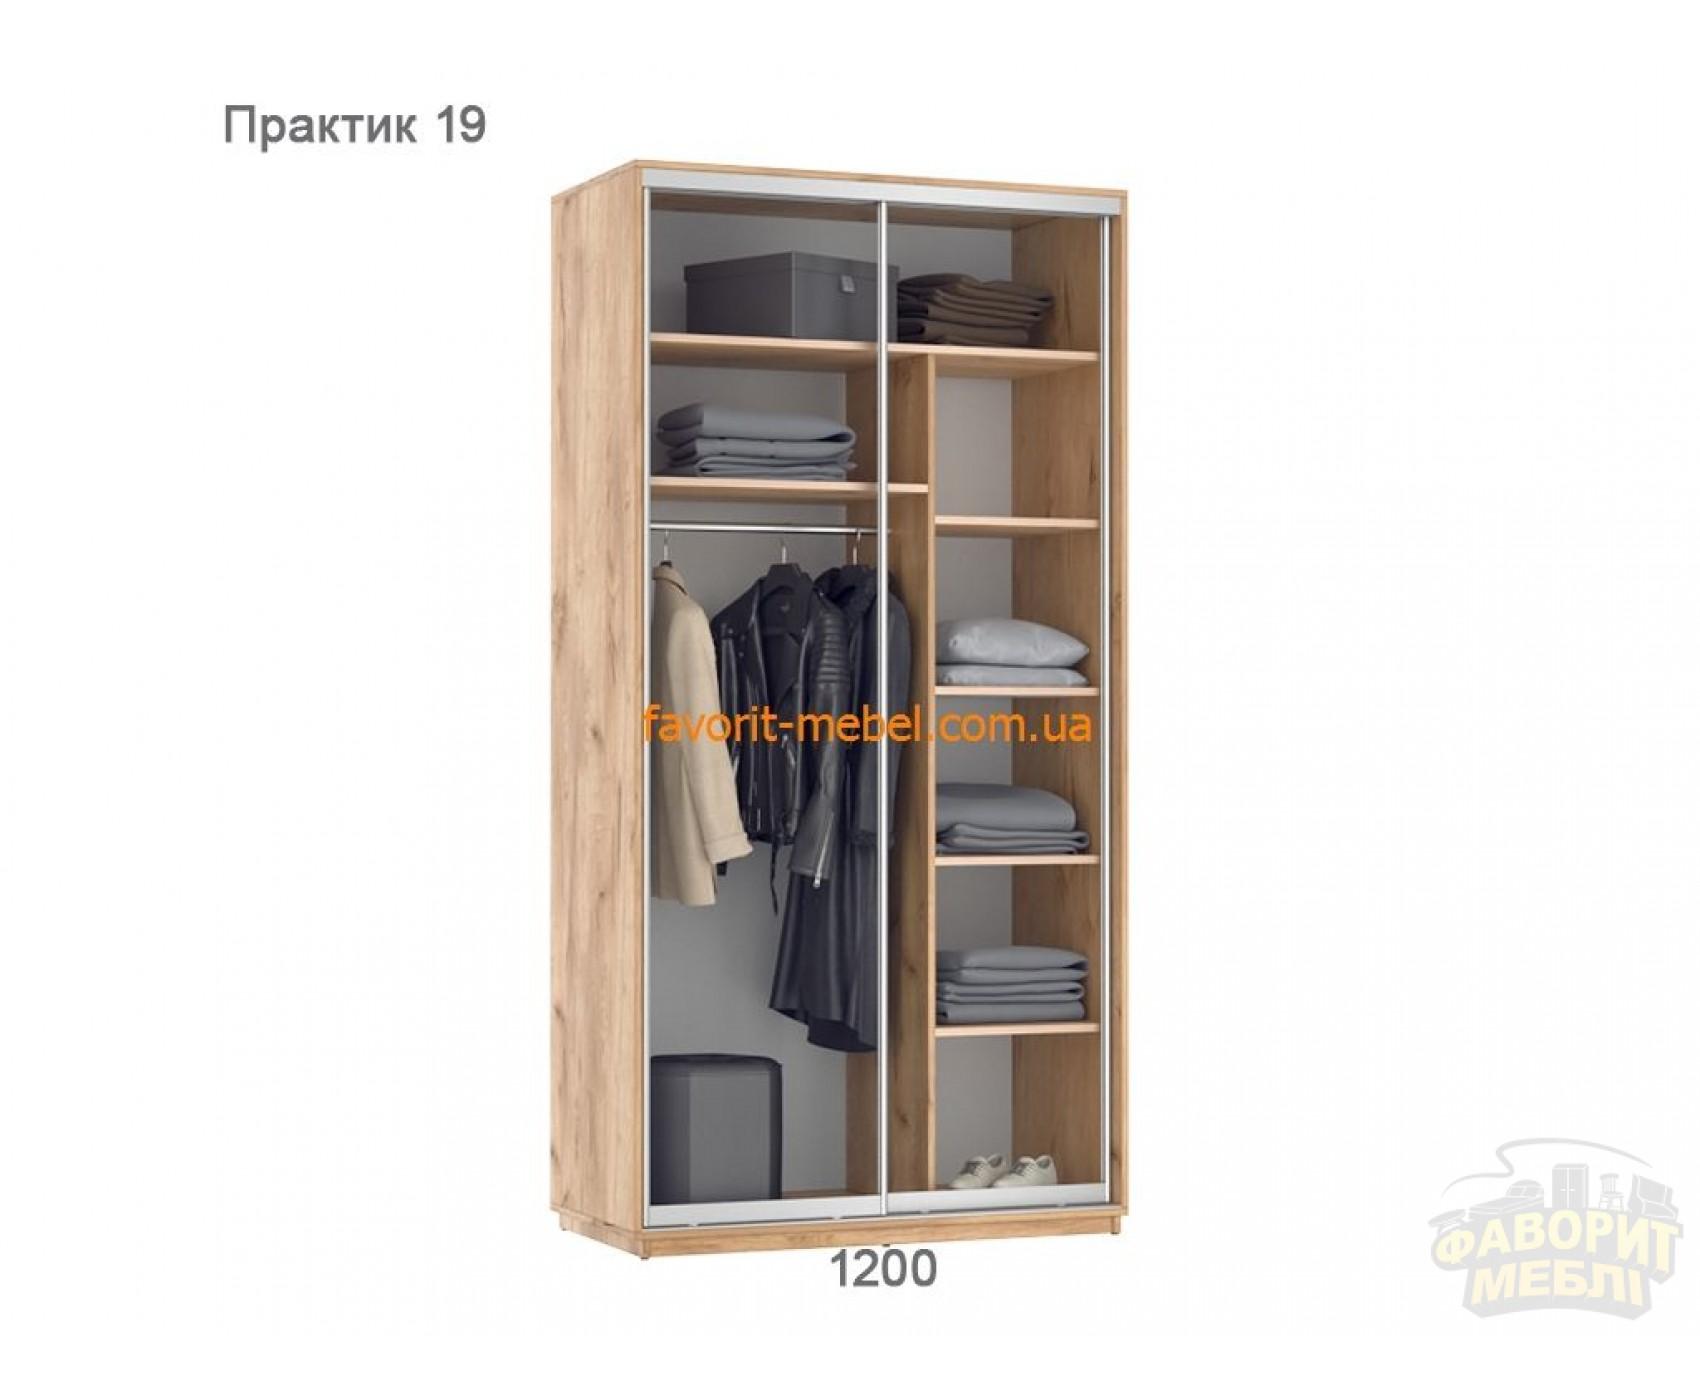 Шкаф купе Практик 19 (120х60х240 см)